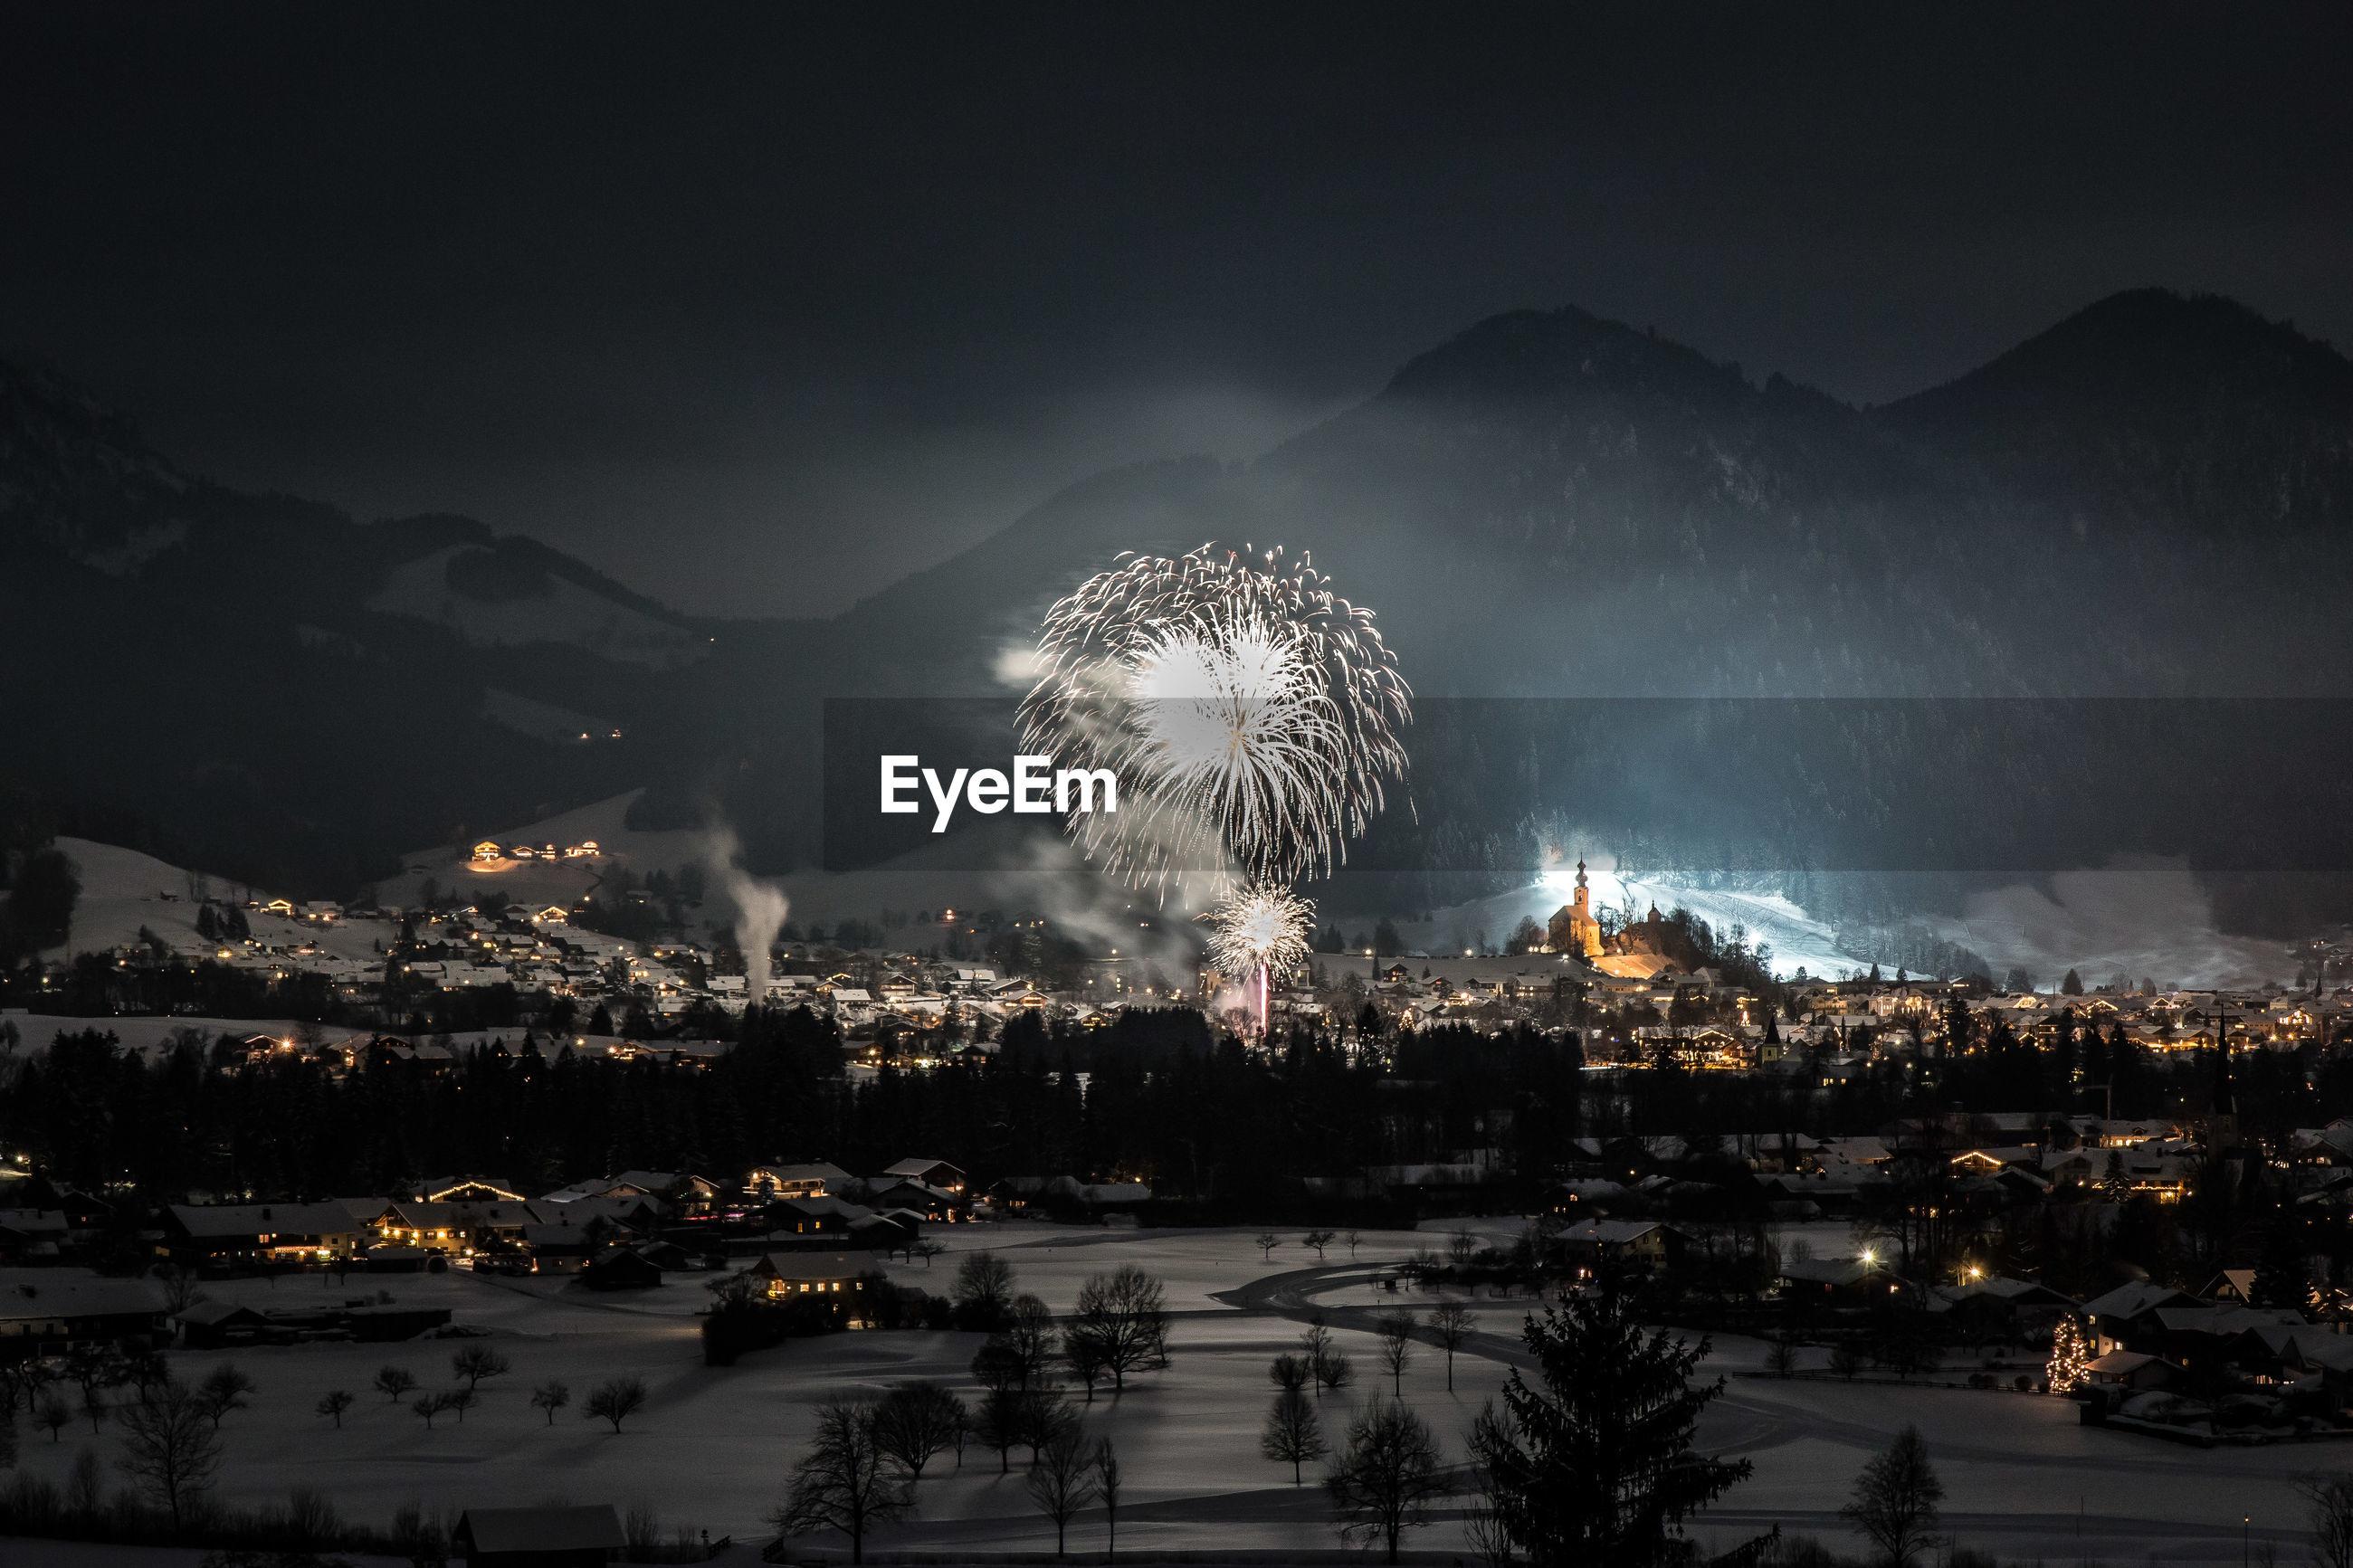 Illuminated firework at night